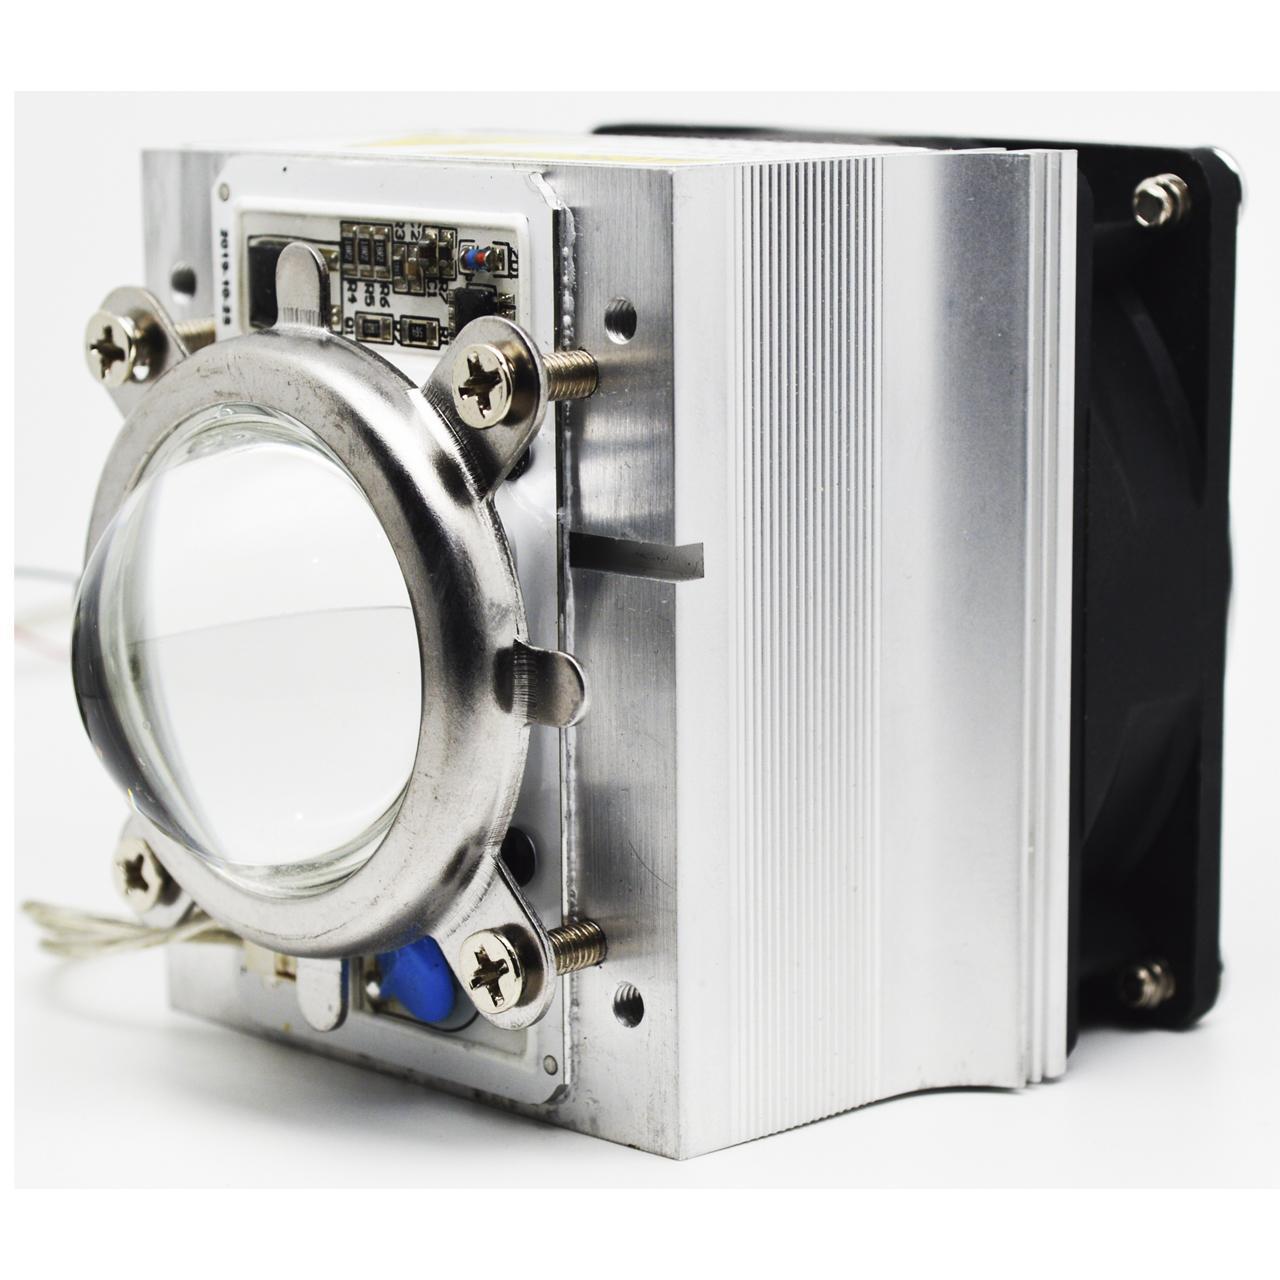 Motor LED de Luz Negra. 50W. Completo con ventilador y fuente de control.